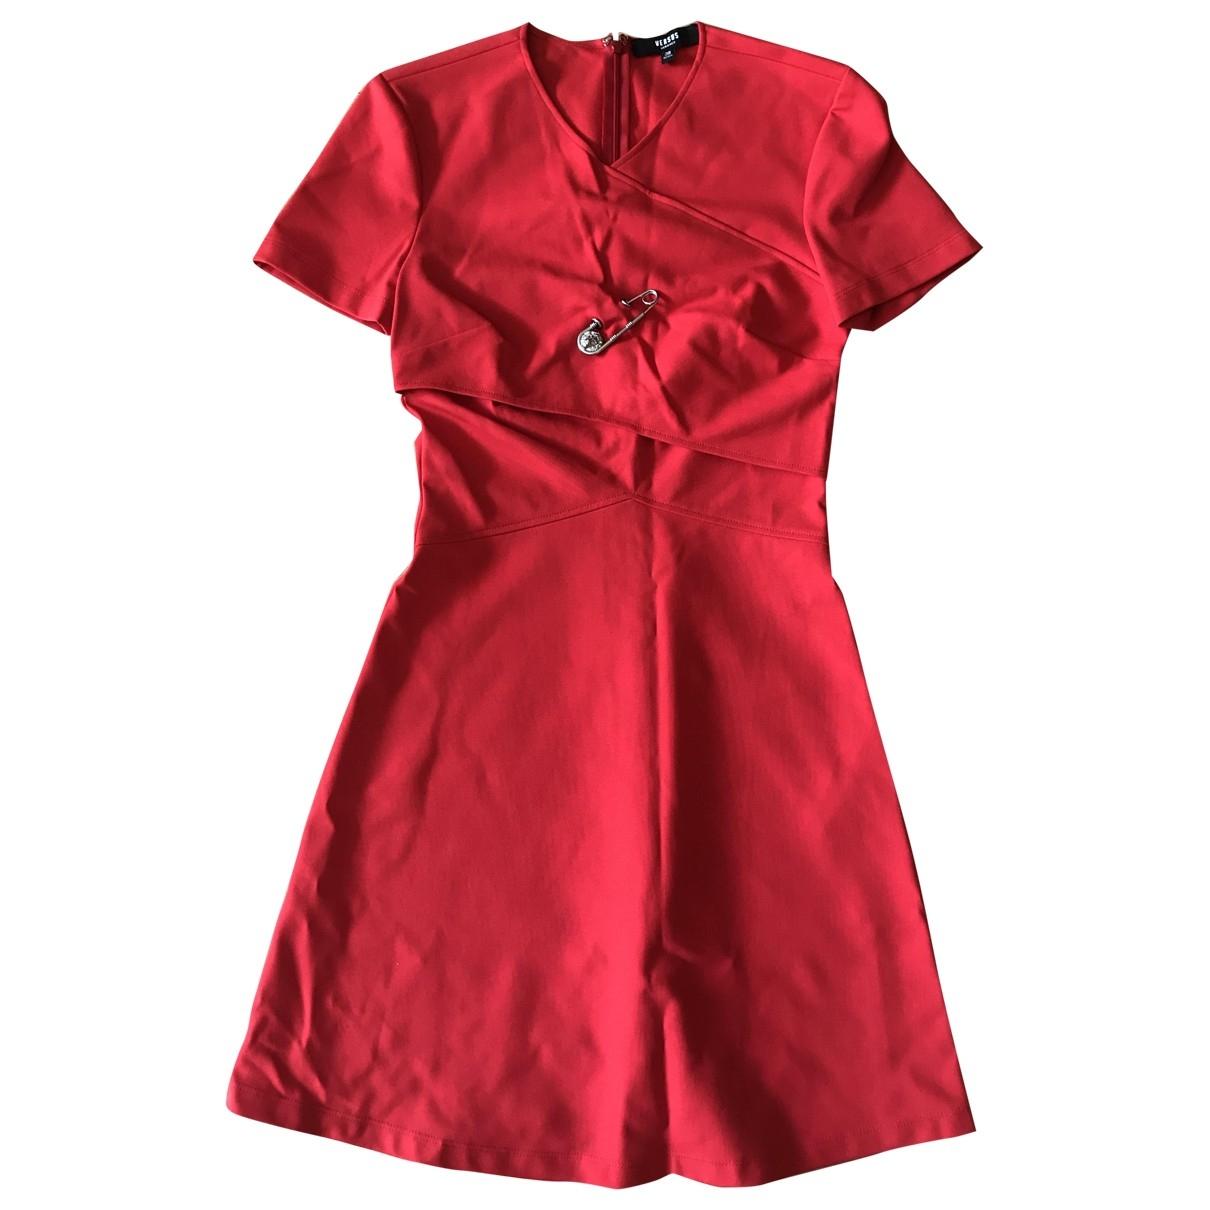 Versus - Robe   pour femme - rouge